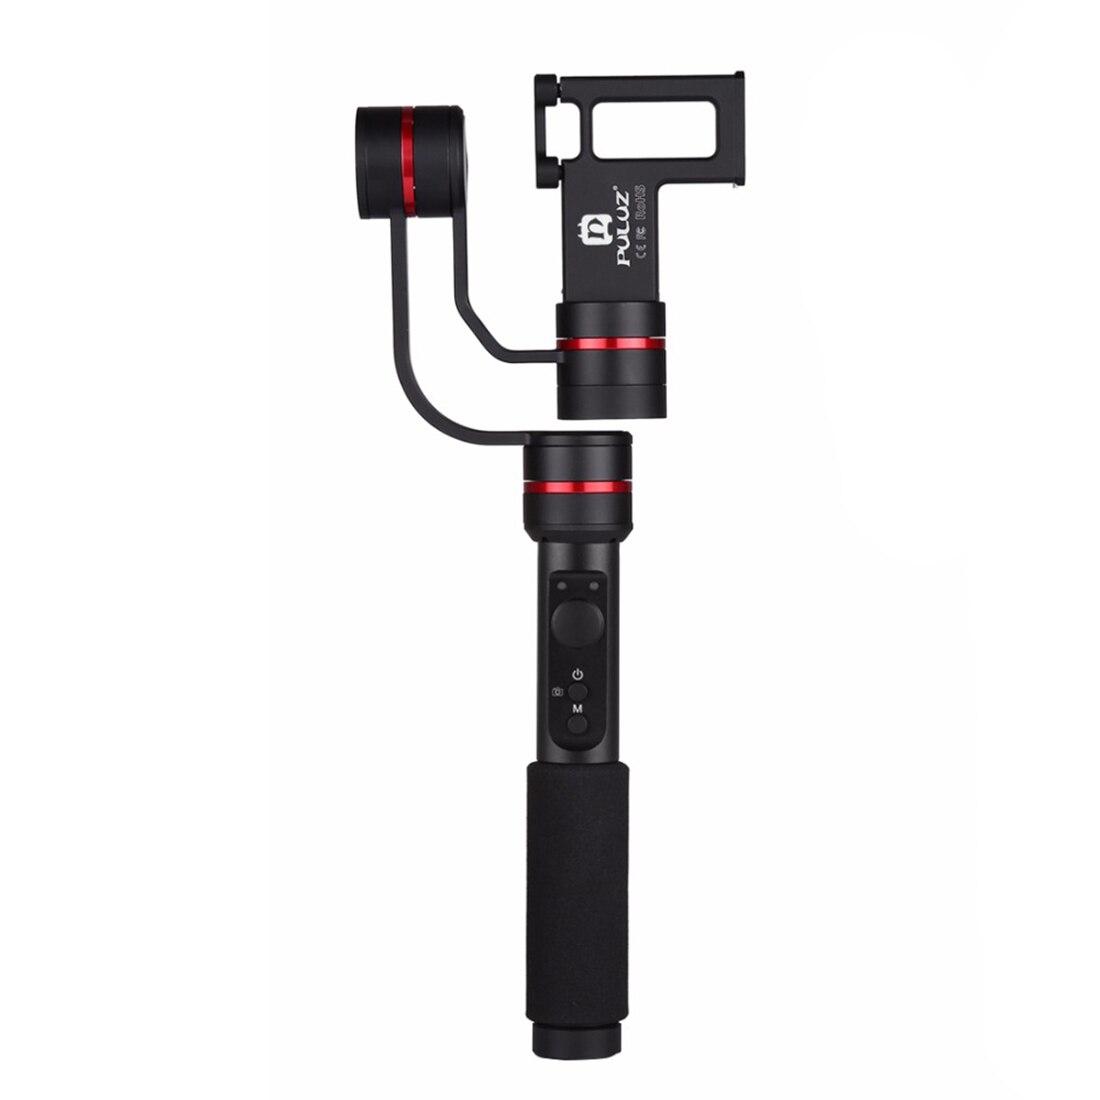 PULUZ G1 3-Axes De Poche Selfie Téléphone Cardan Steadicam Stabilisateur support de Fixation pour 4.7-5.5 pouce Smartphones, 360 Degrés Téléphone gi